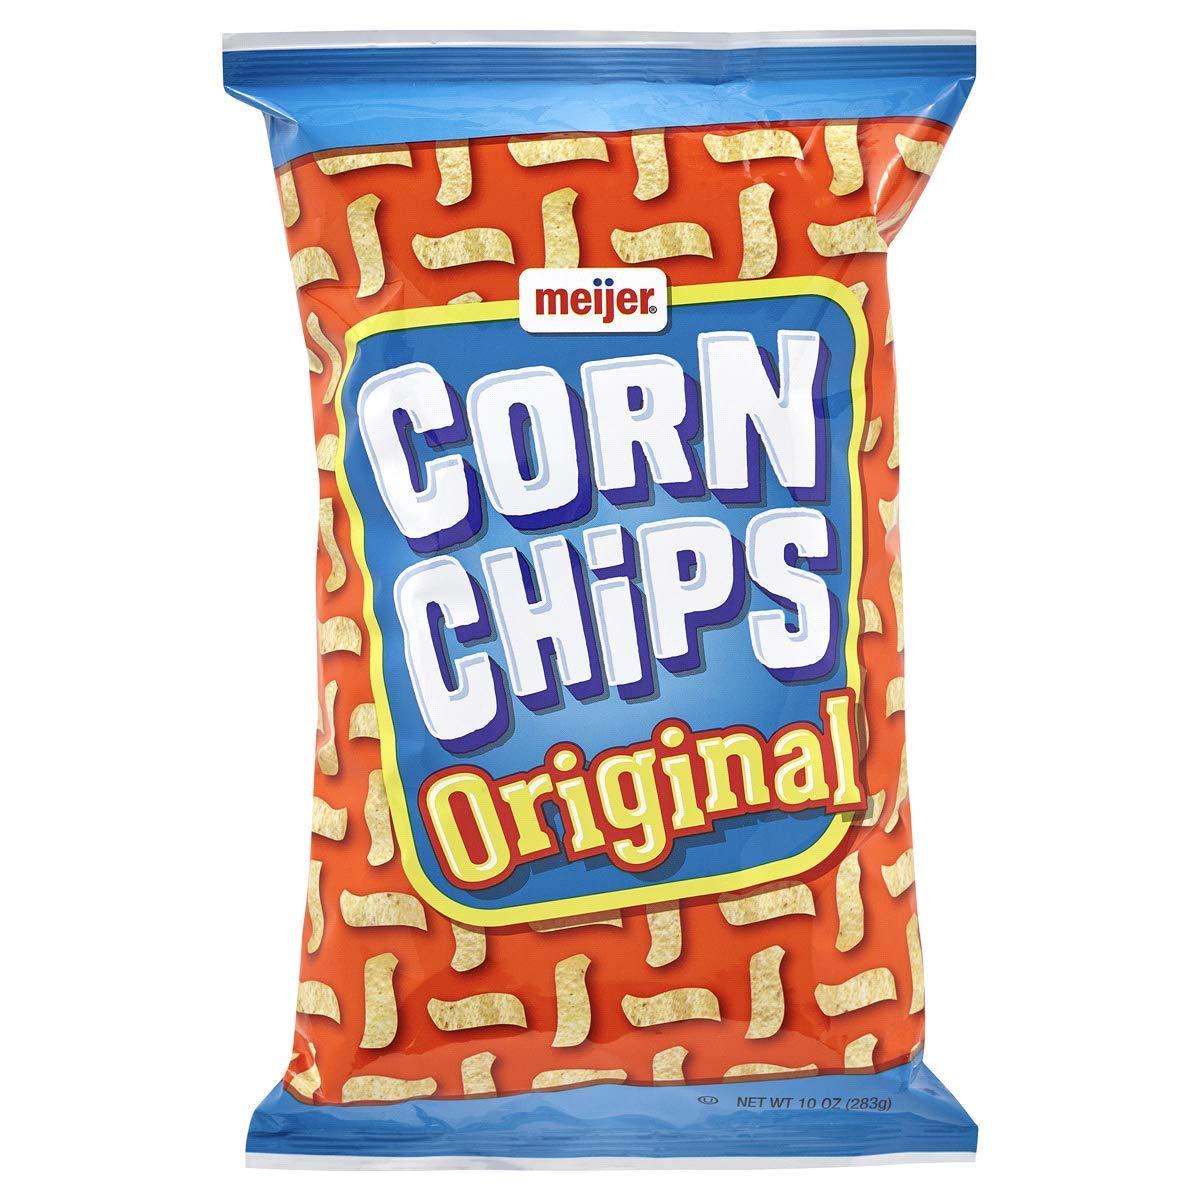 wholesale Meiger Corn Chips Original 1 10 oz Bag Limited time cheap sale